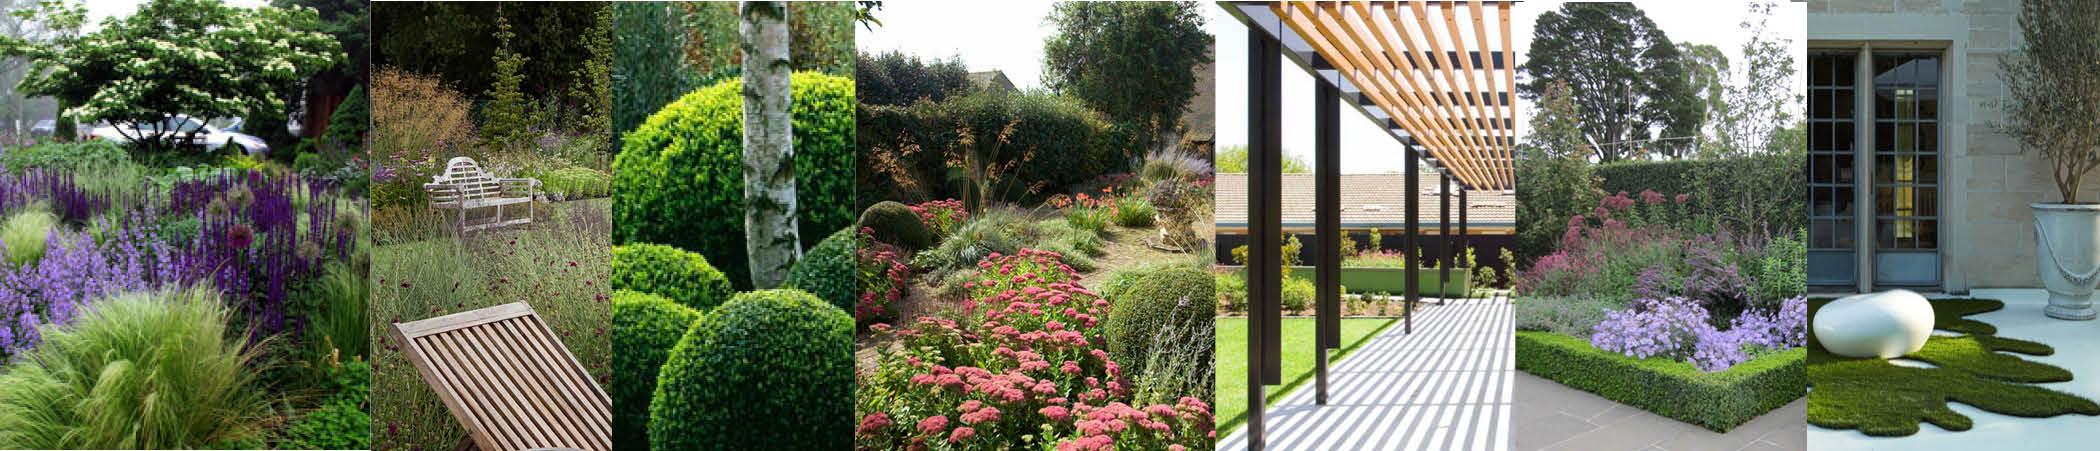 Ian barker gardens st kilda project mood image strip for Landscape architect jobs melbourne